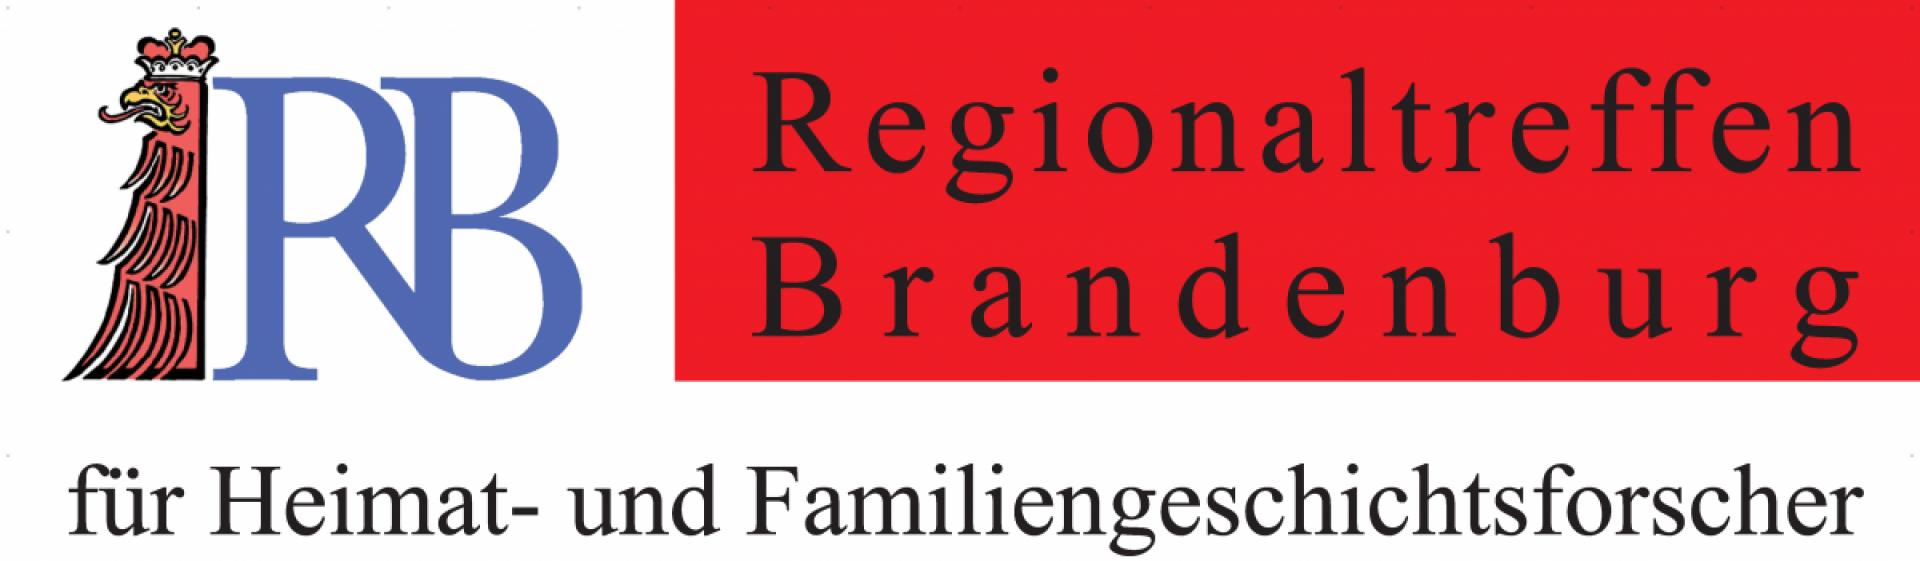 Regionaltreffen Brandenburg